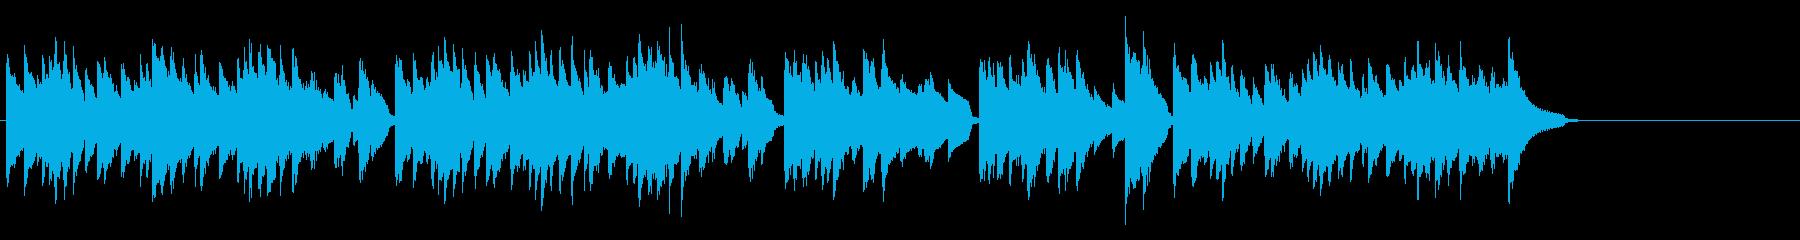 気怠いながらも明るいボサノバ風のピアノ曲の再生済みの波形